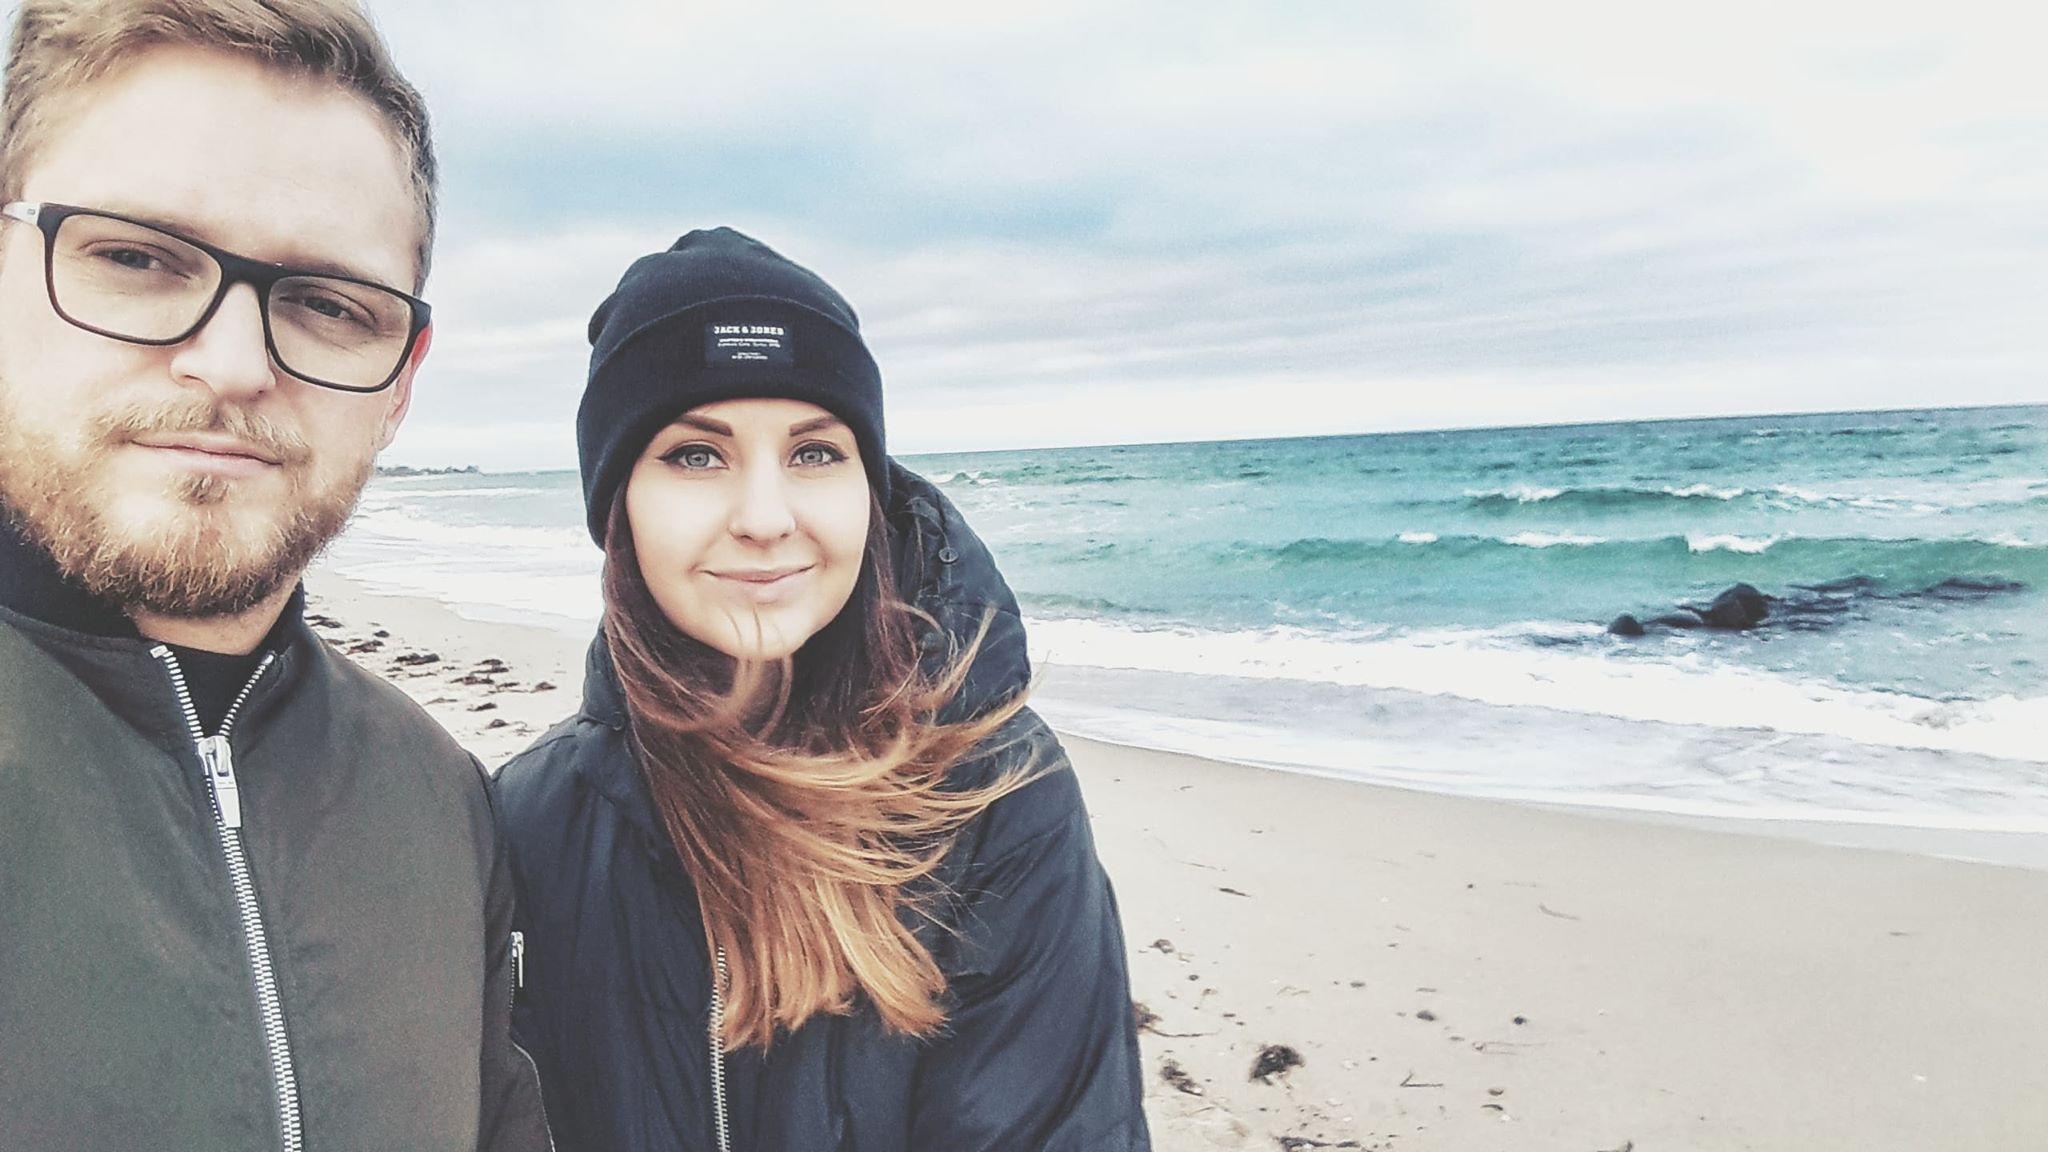 Запорожская пара, живущая в Дании: о хюгге, сложном языке и северном нраве